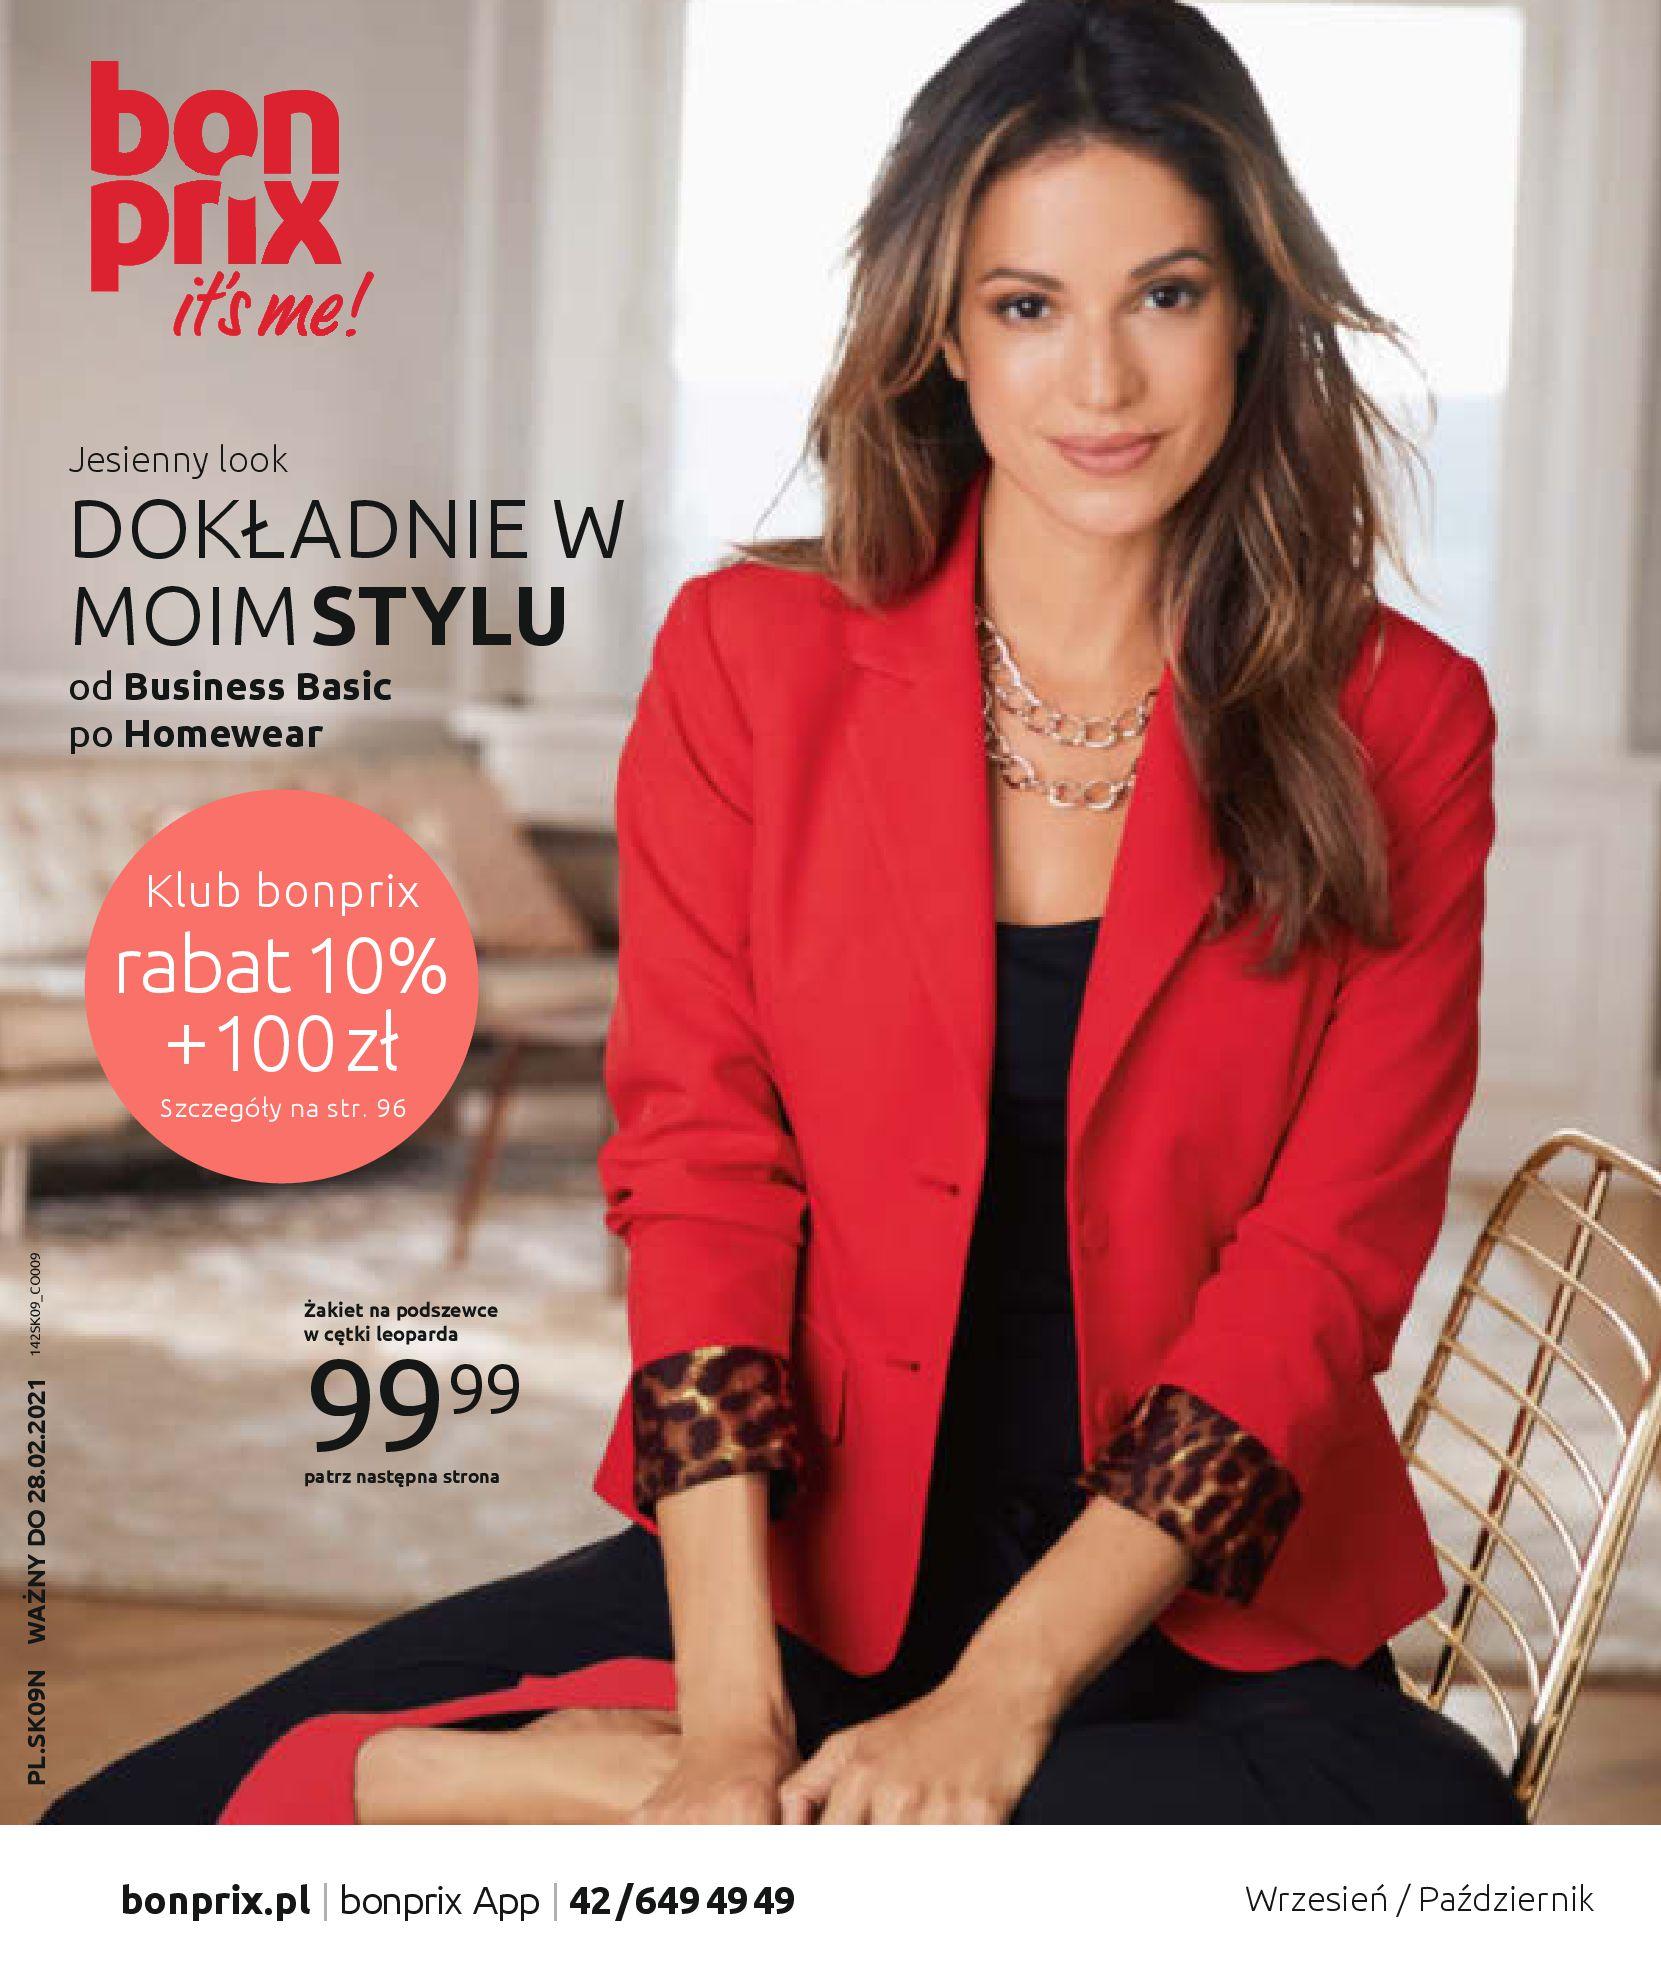 Gazetka Bonprix - Jesienny look-31.08.2020-28.02.2021-page-1